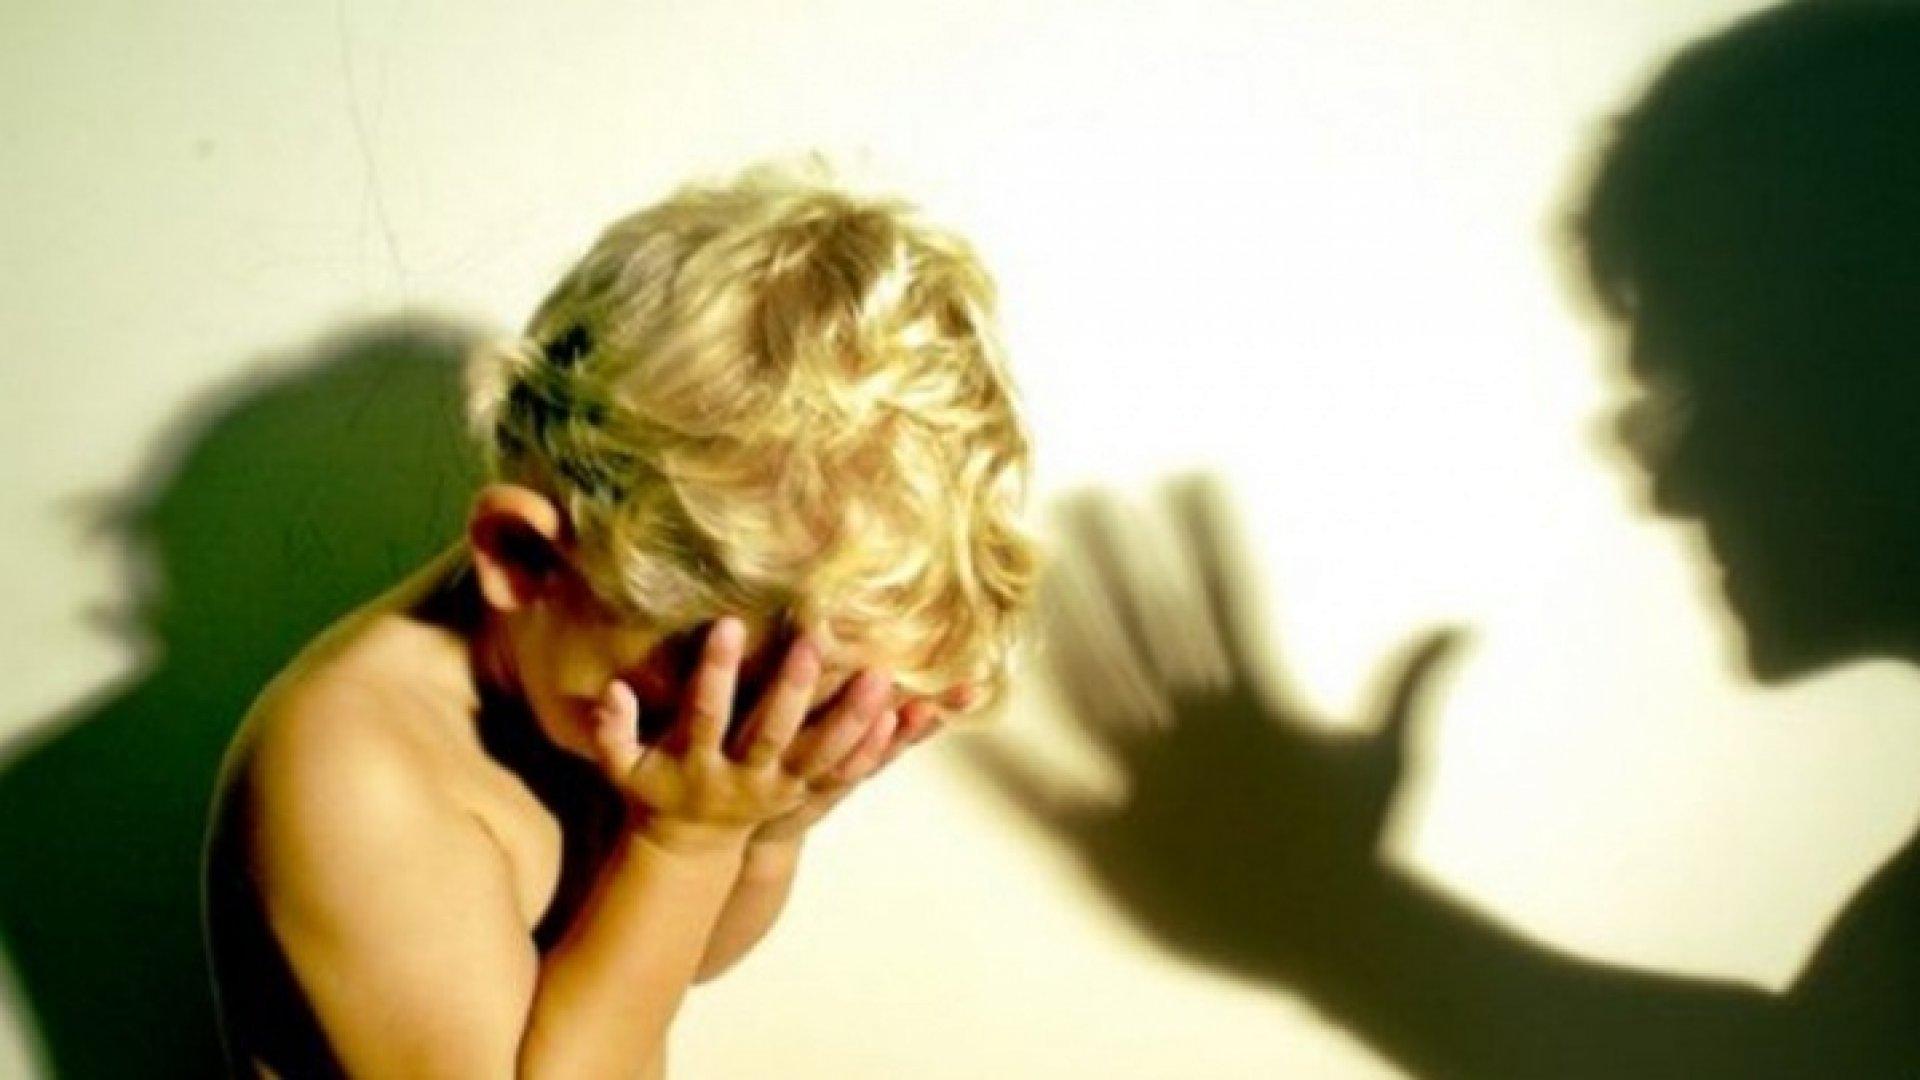 Сын наказал свою мать жестоко, Властная мать наказала нахального сына 17 фотография